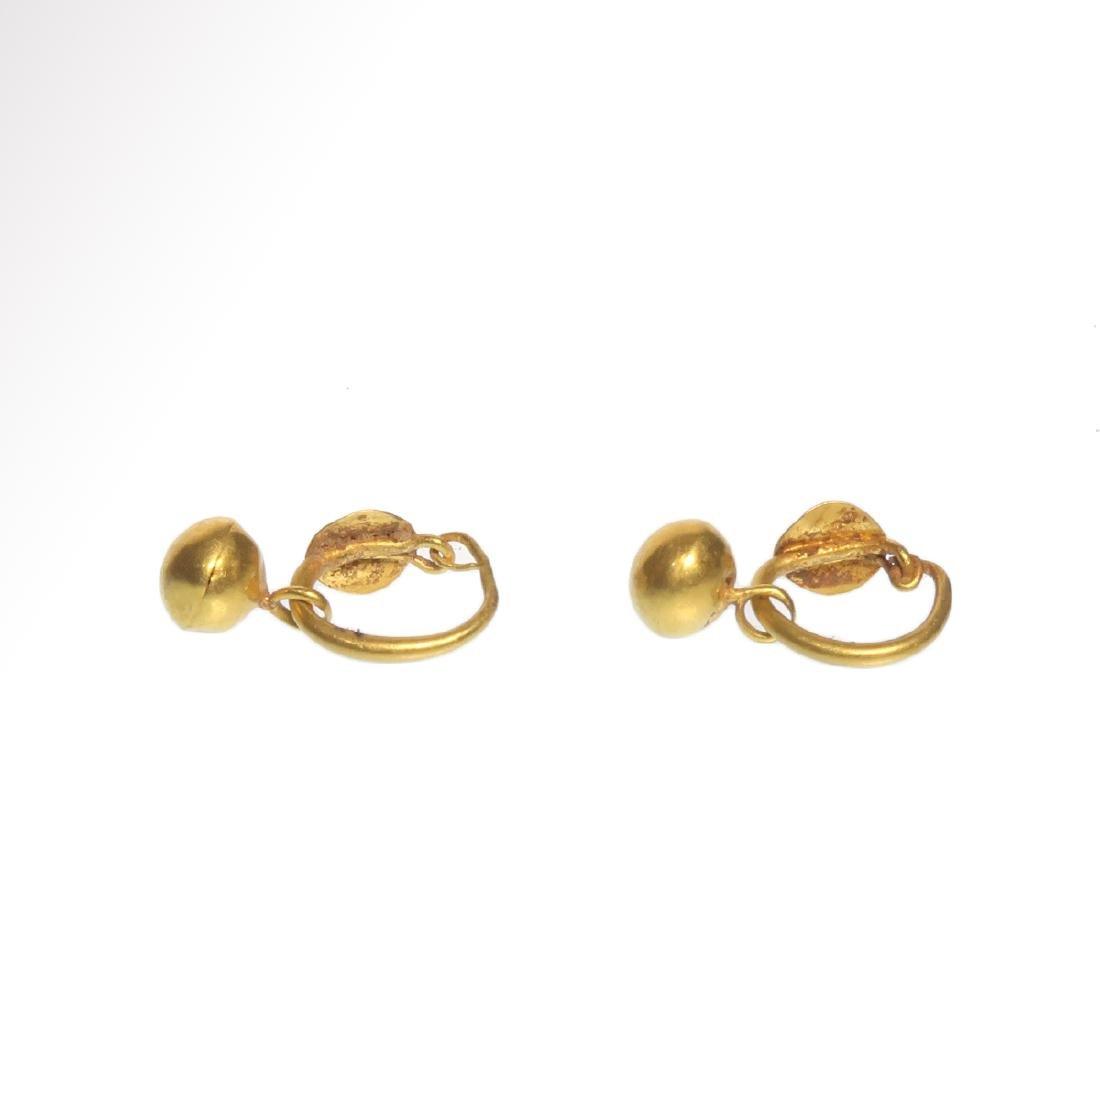 Roman Gold Hoop Earrings with Spherical Drops, c. 1st - - 5